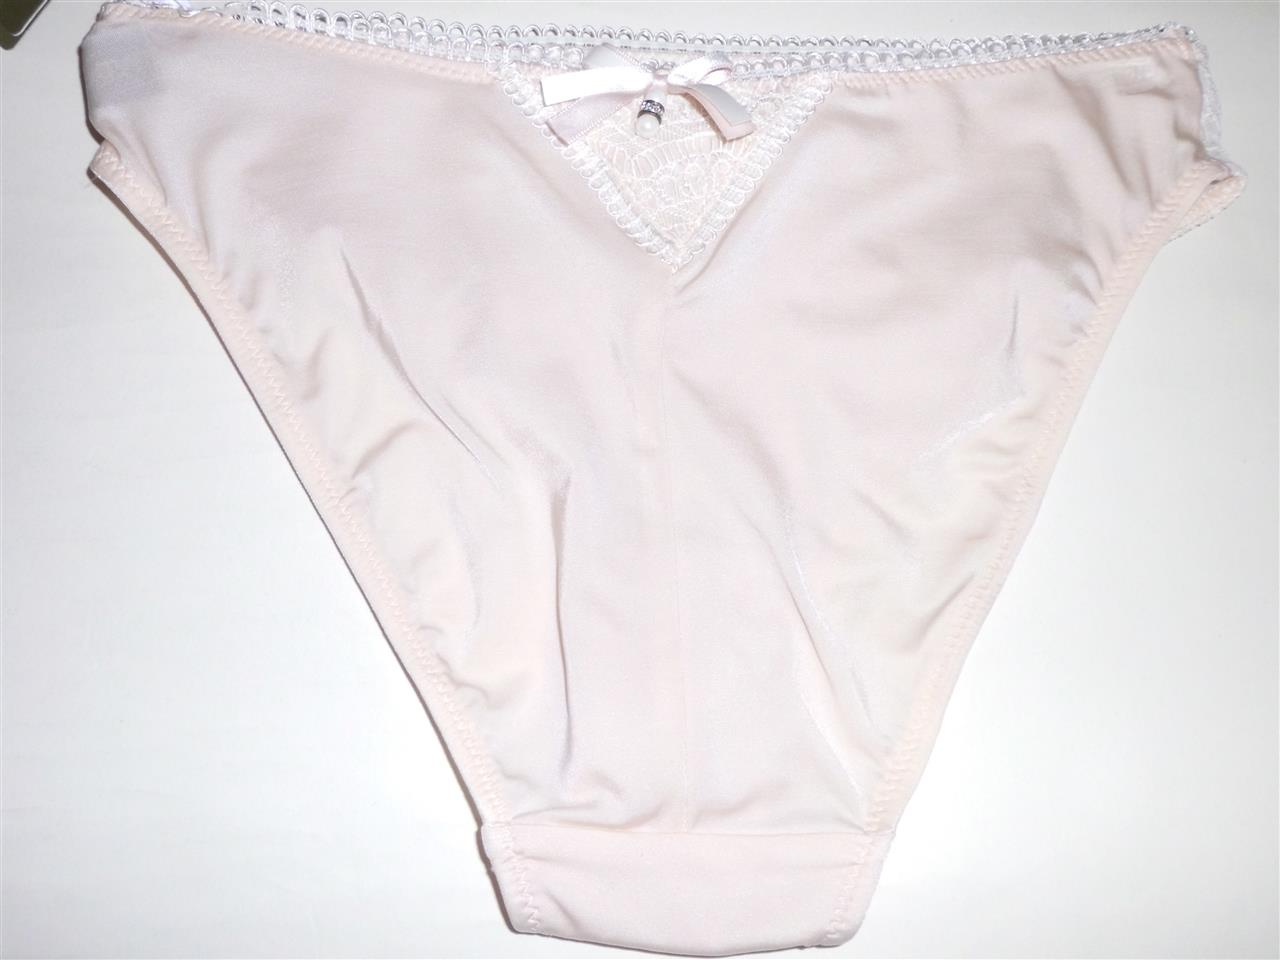 Kalhotky FV0255 Coco - Fauve Barva: perleťově růžová, Velikost: XS